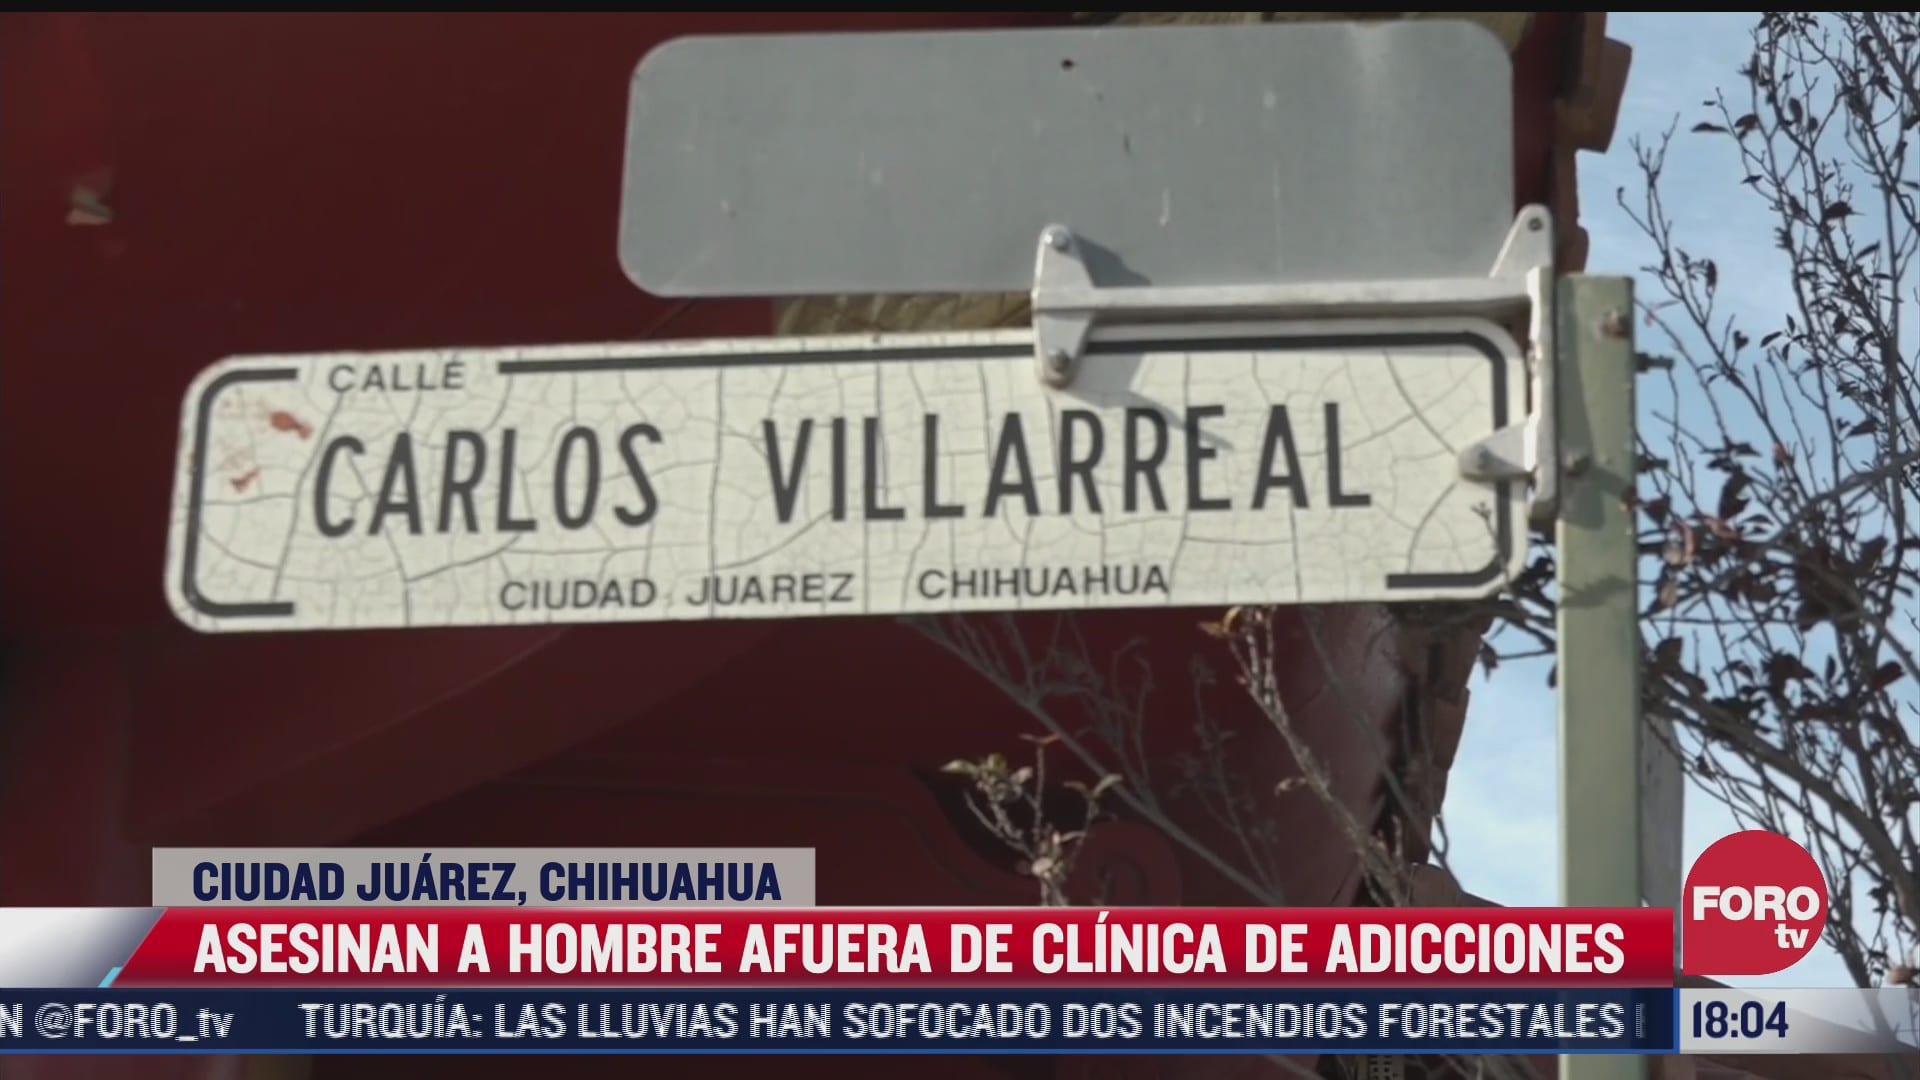 asesinan a hombre afuera de clinica de adicciones en ciudad juarez